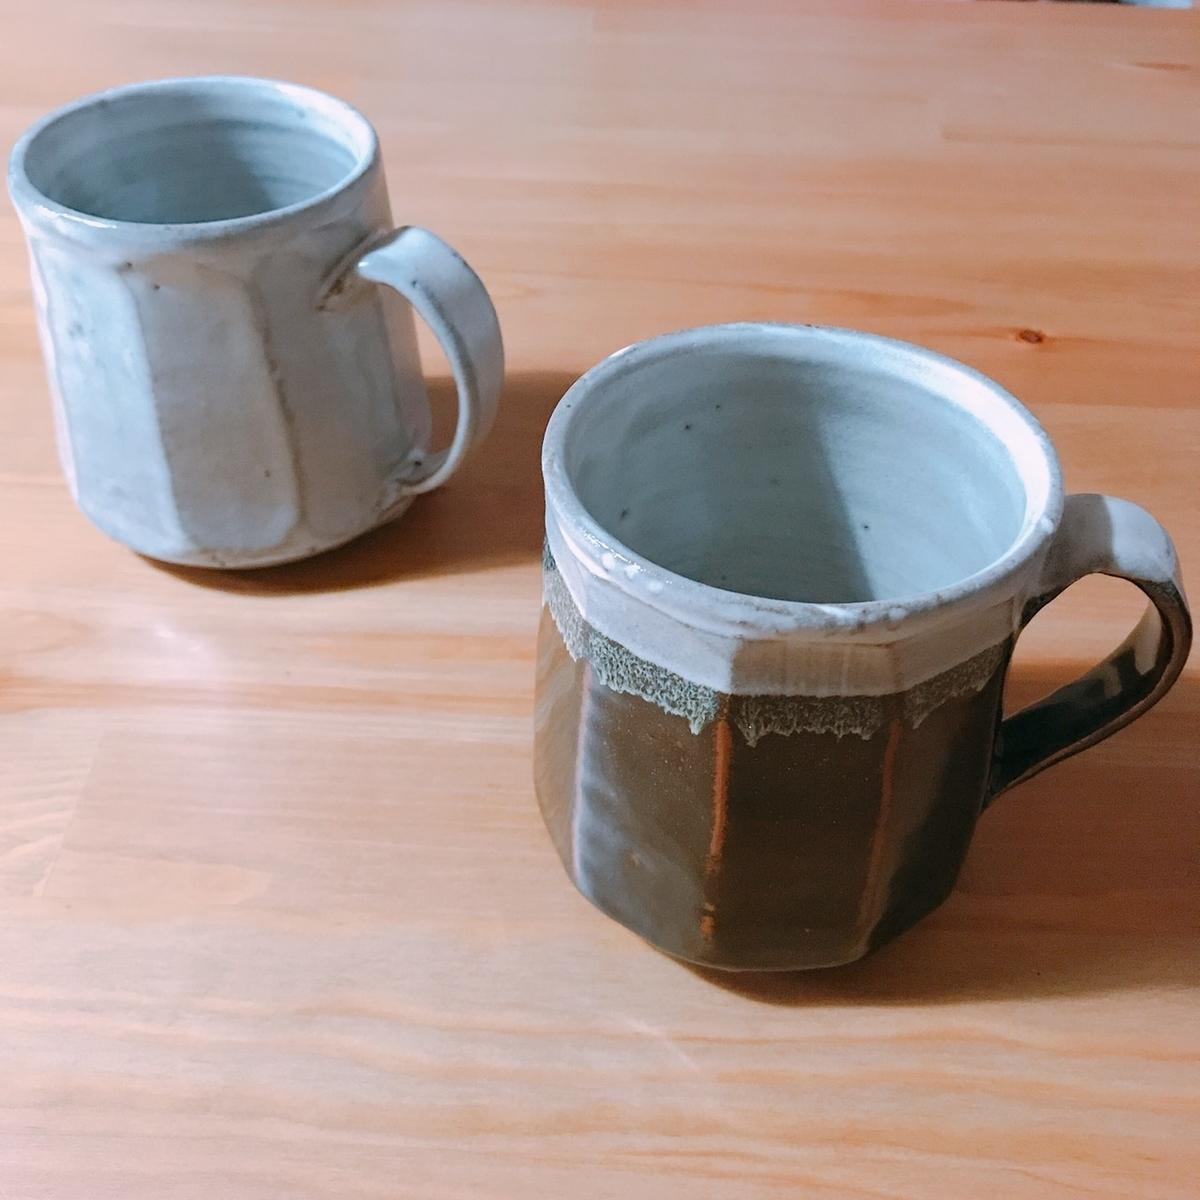 購入したマグカップの写真